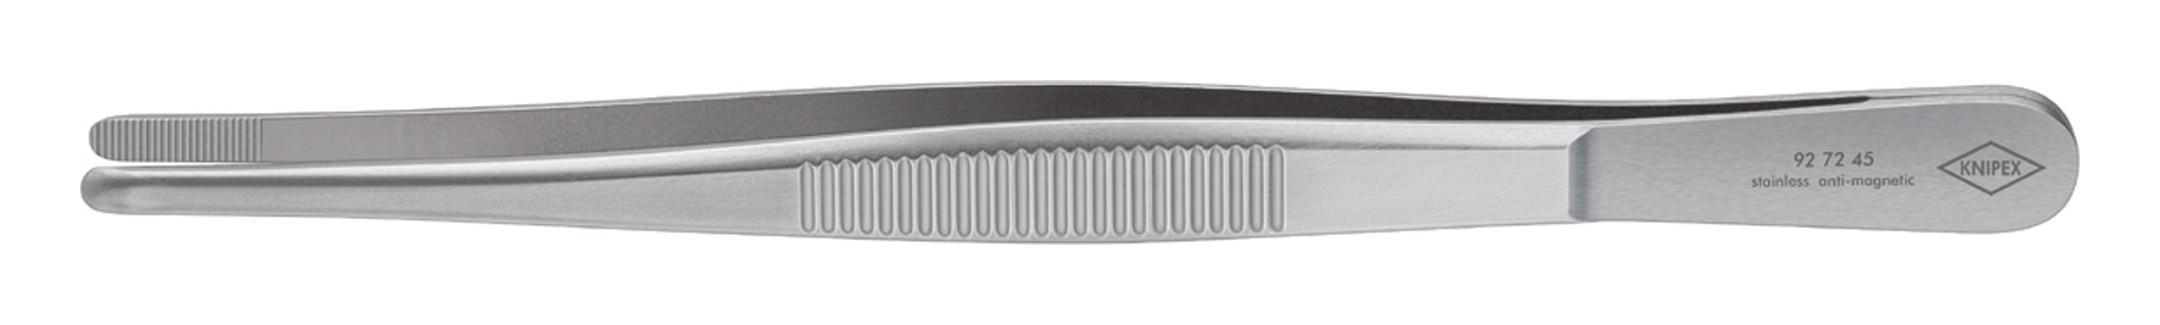 Knipex Präzisions-Pinzette rund 3,5mm 145mm rostfrei - 92 72 45